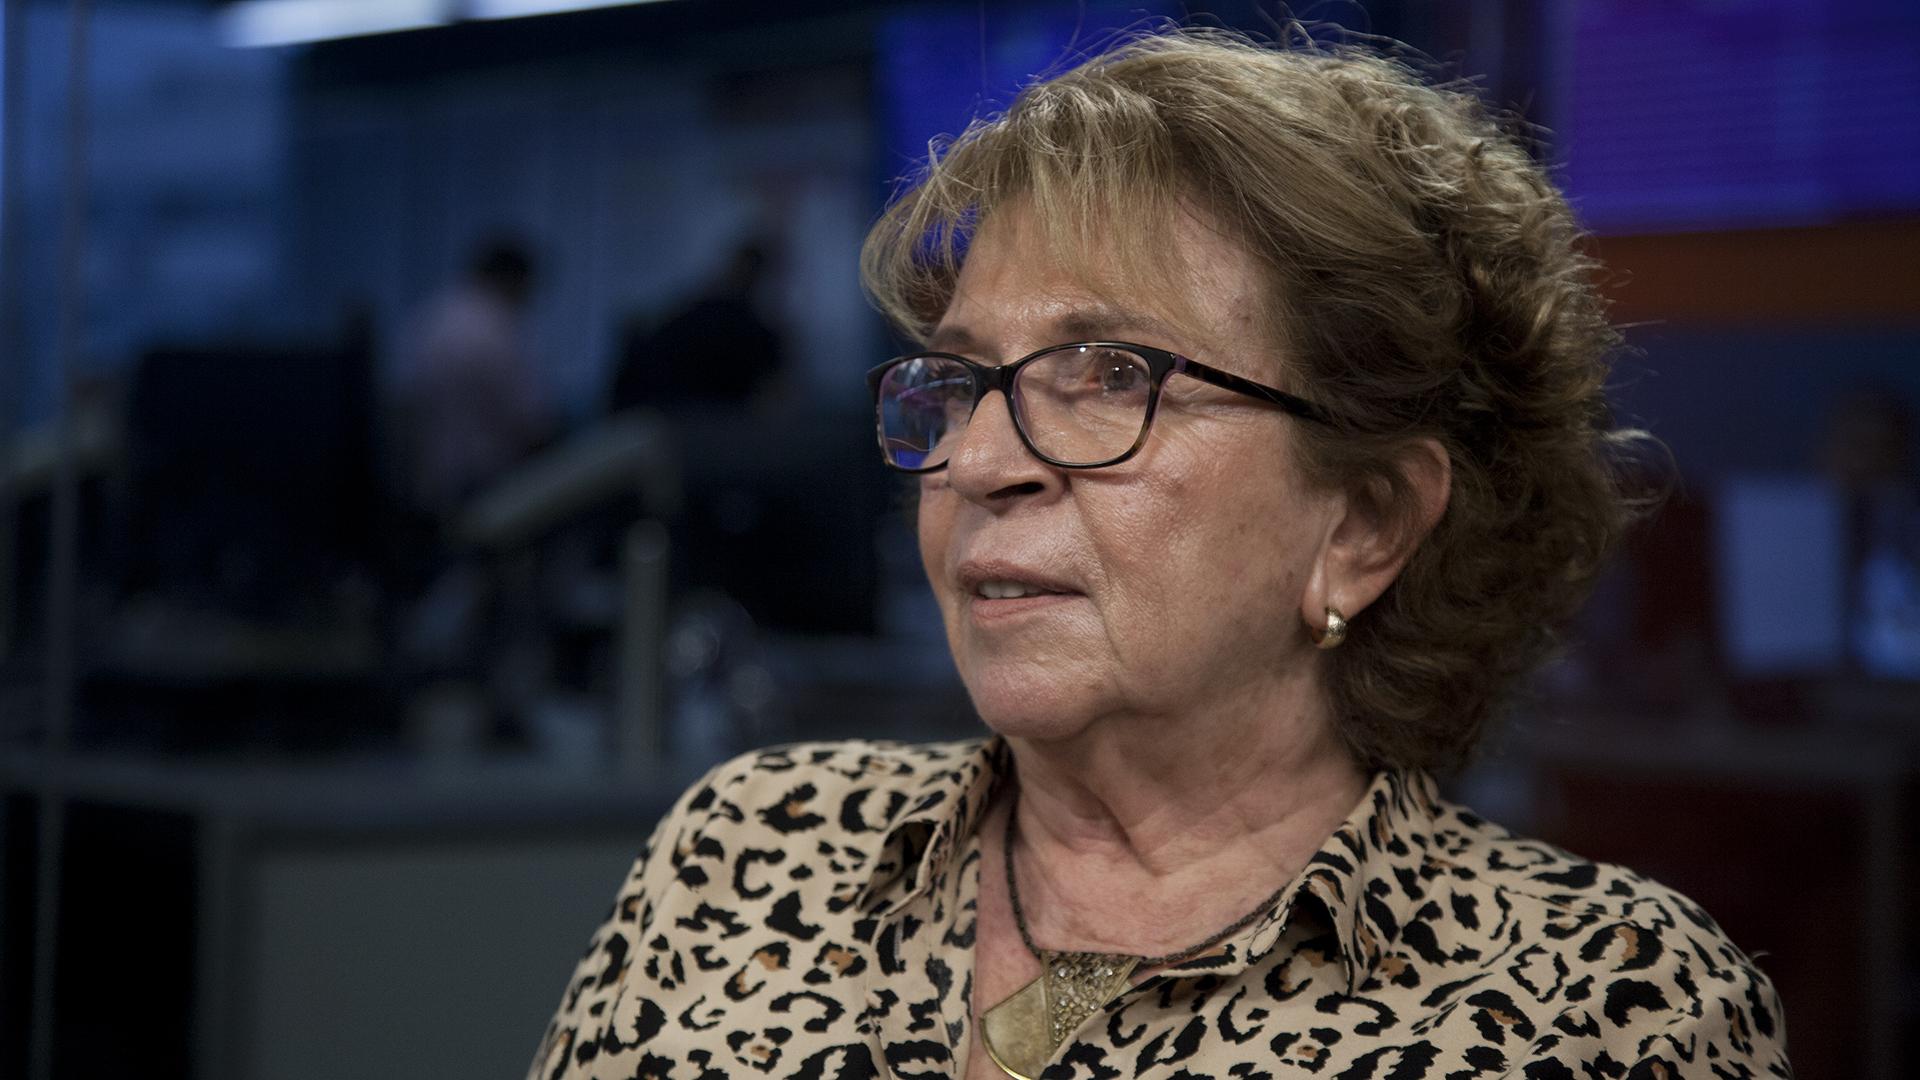 La presidenta de la Fundación El Libro, María Teresa Carbano (Santiago Saferstein)